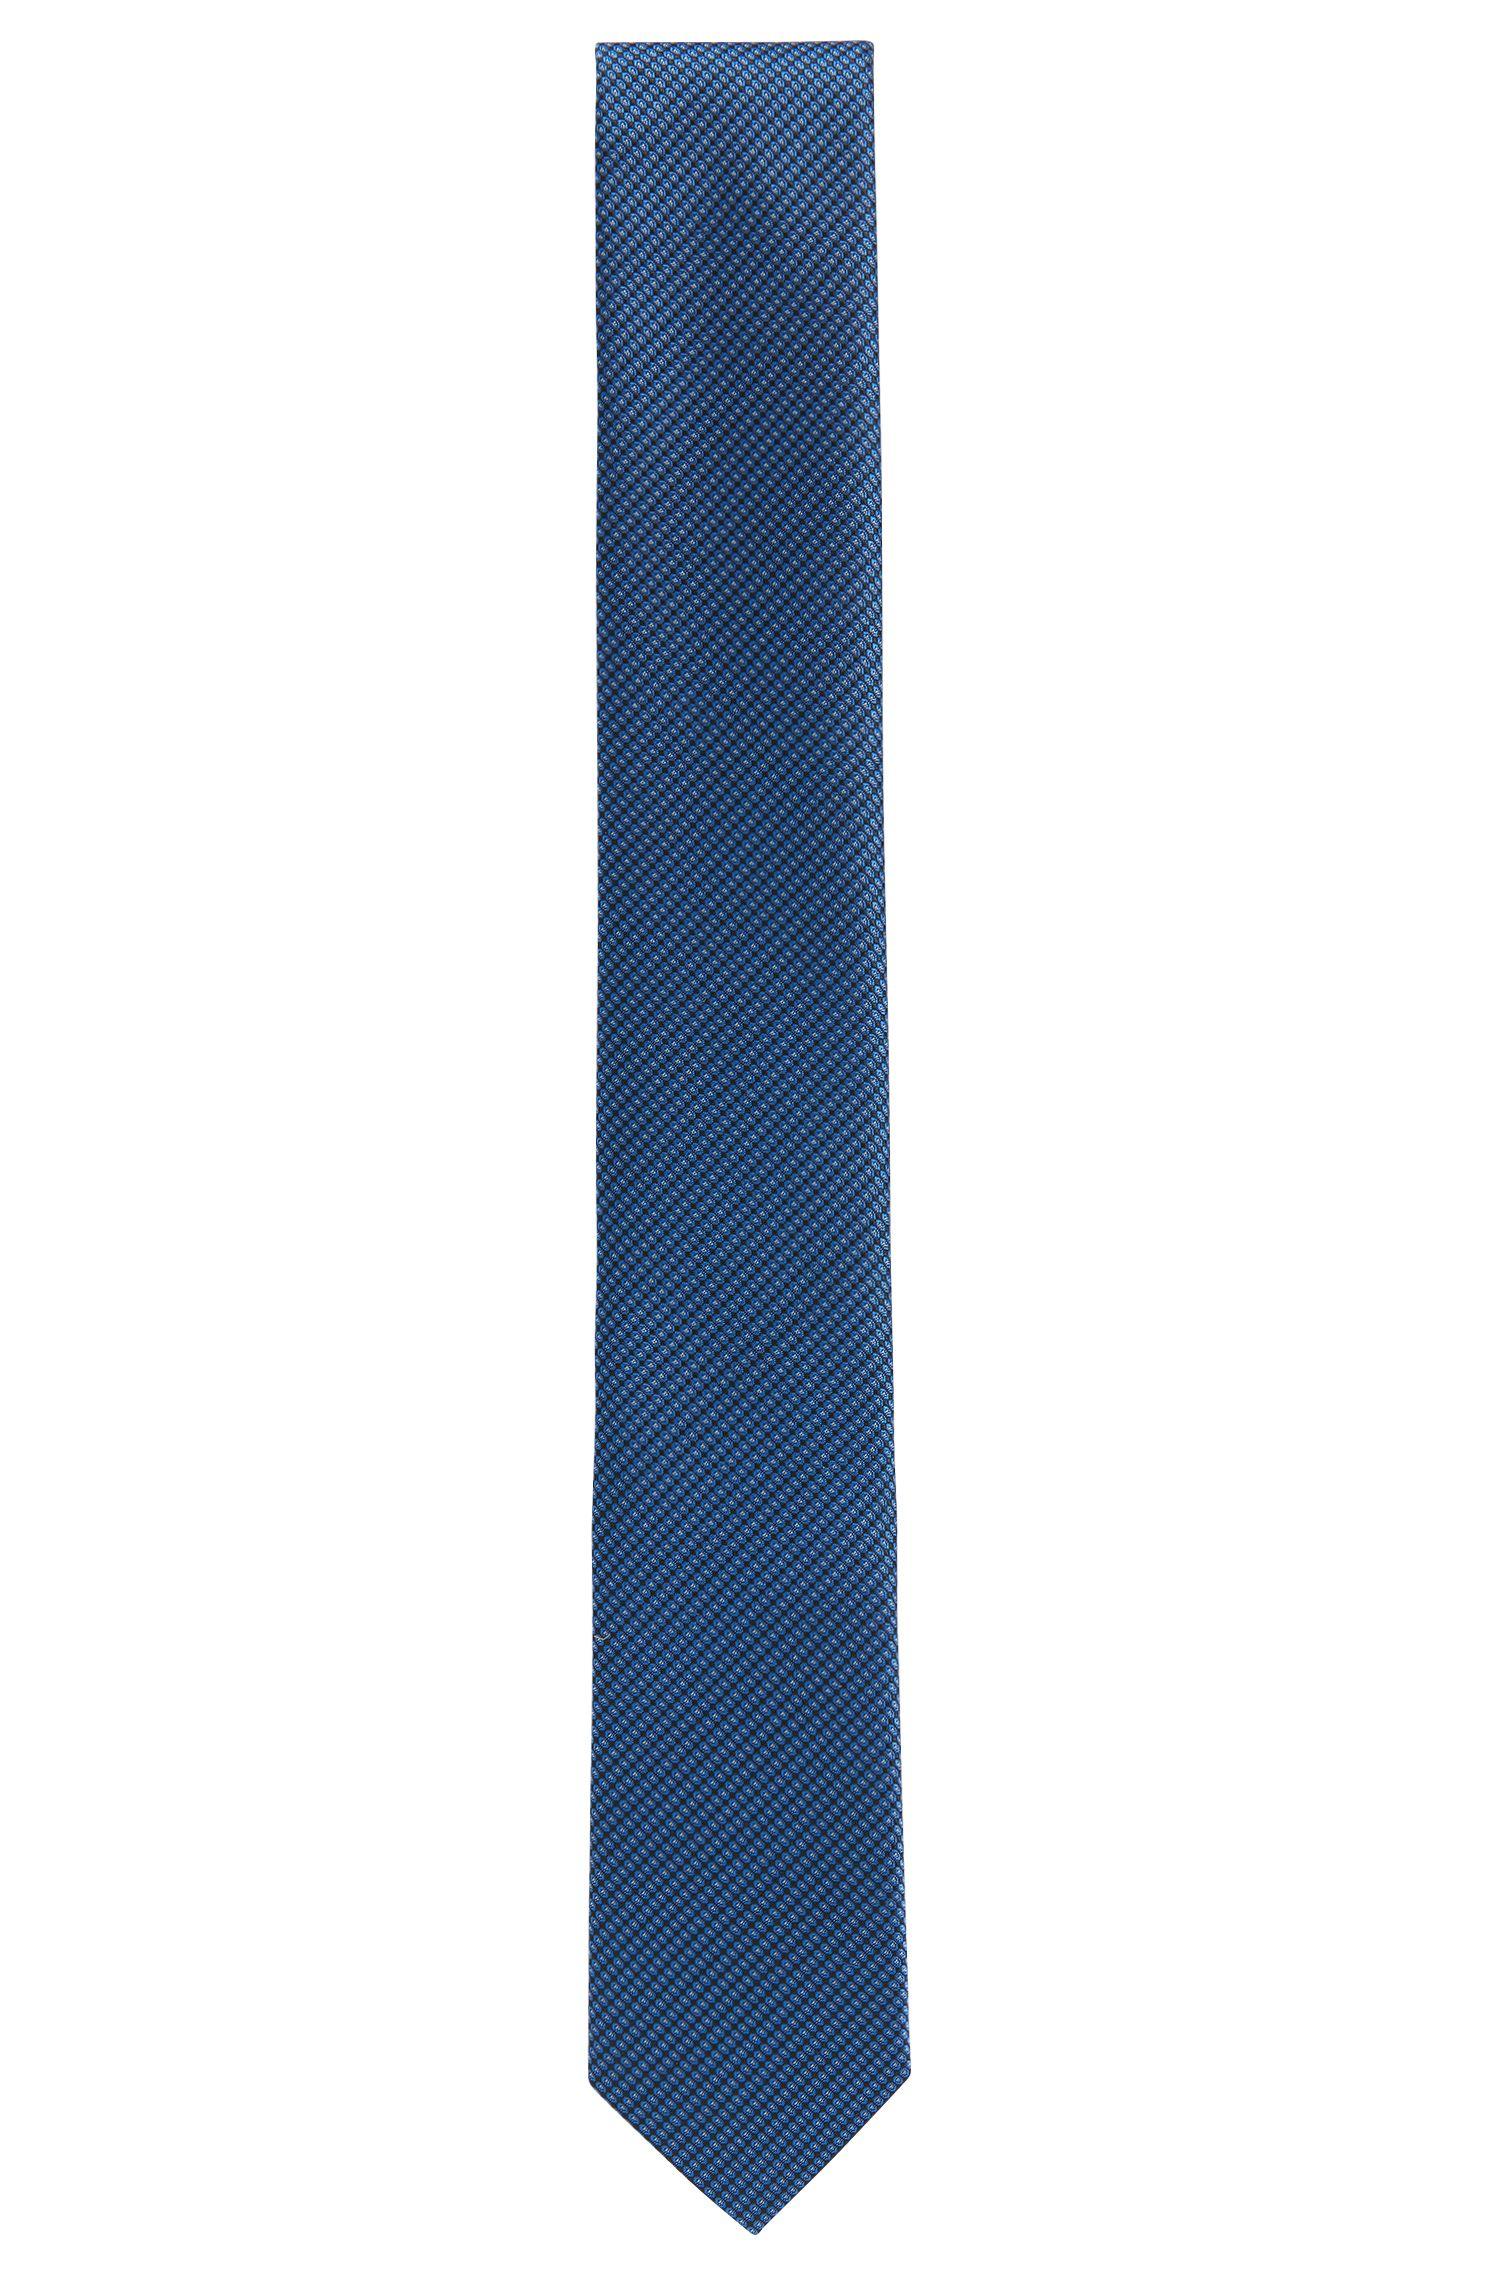 Patterned tie in fine silk jacquard